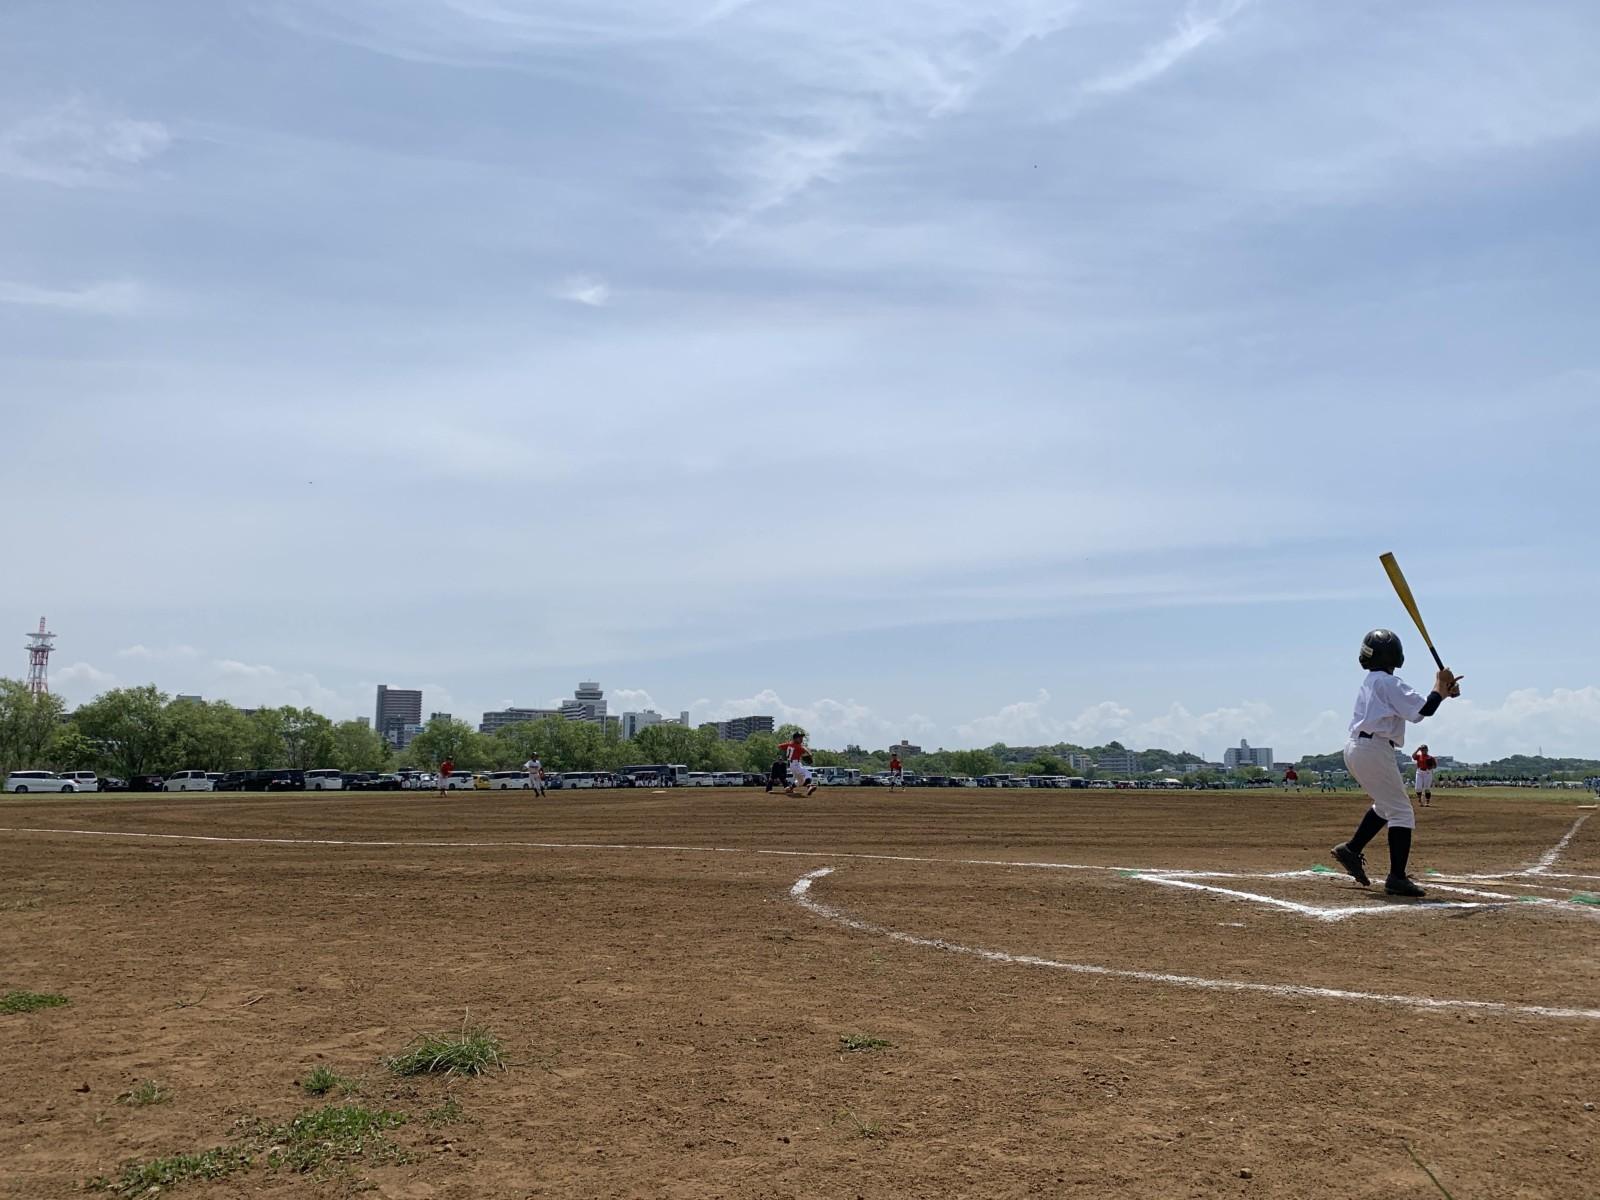 2019.05.05 2019年葛飾シニアルーキーズカップ オープン戦 江戸川北リトルシニア戦